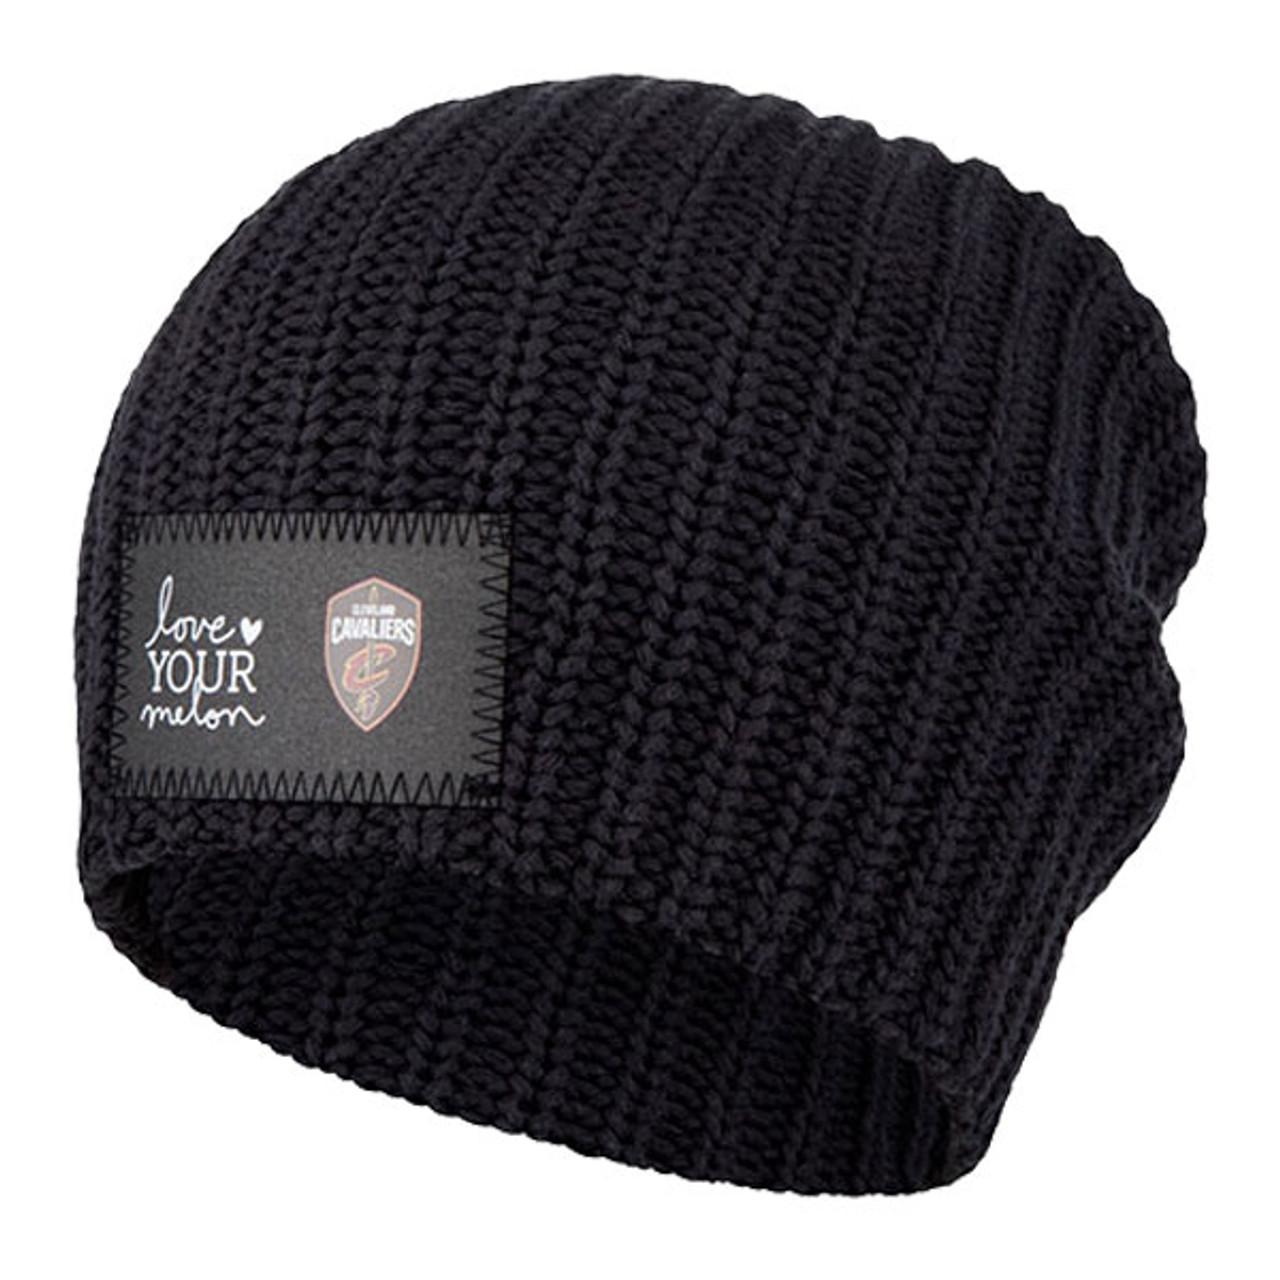 73a938273a0 Love Your Melon Knit Hat